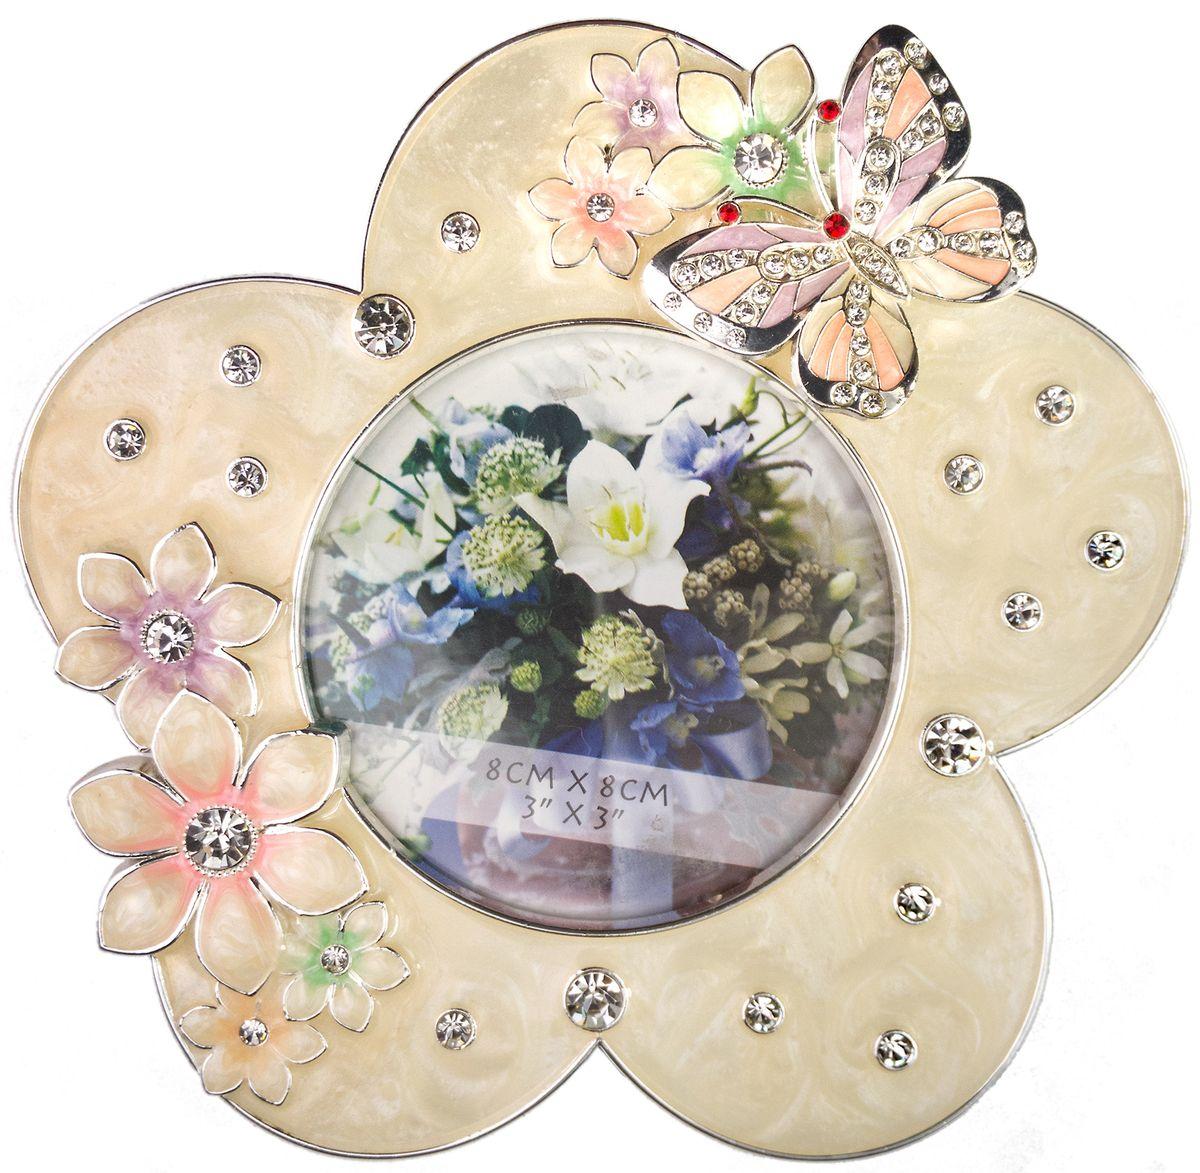 Фоторамка Platinum Цветы, цвет: розовый, 8 х 8 см. PF10562B-3PLATINUM PF10562B-3Декоративная фоторамка Platinum Цветы выполнена из металла в виде цветочка с бабочкой. Фоторамка украшена стразами и декоративной глазурью. Изысканная и эффектная, эта потрясающая рамочка покорит своей красотой и изумительным качеством исполнения. Фоторамка подходит для фотографий 8 х 8 см. Общий размер фоторамки: 13 х 1,5 х 13 см.